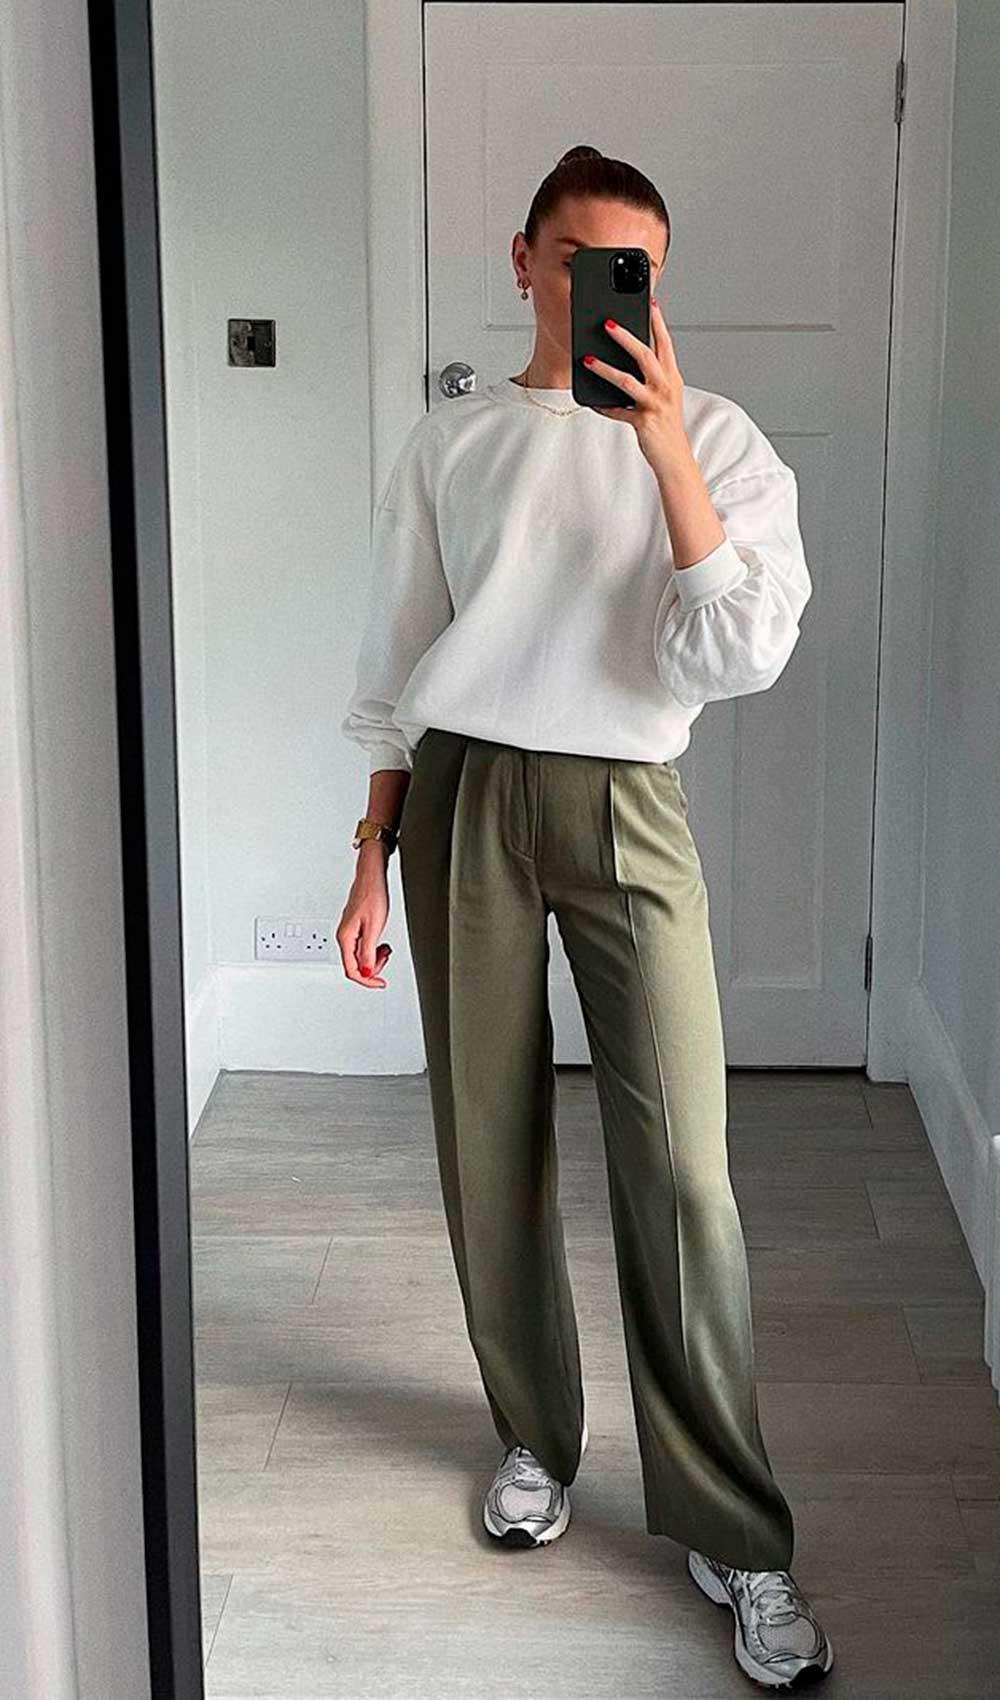 conforto chique, suéter branco, calça de alfaiataria verde militar e tênis esportivo